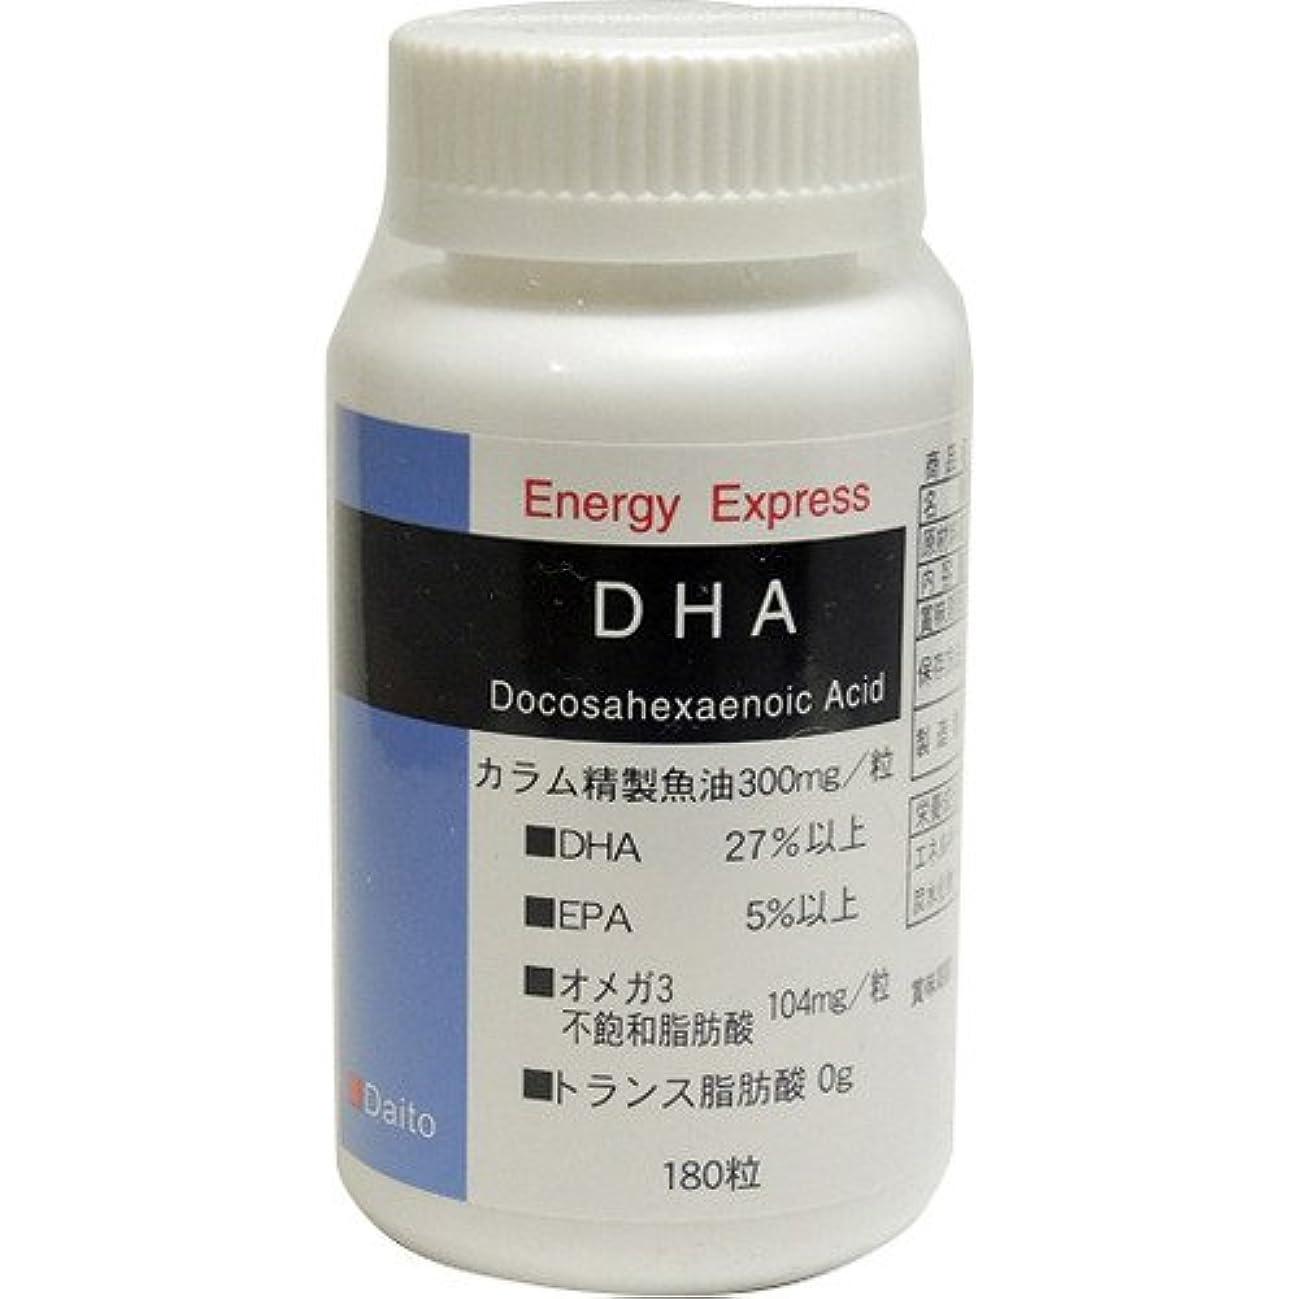 グリース警報織るダイトー水産 エナジーエキスプレス DHA 445mg×180粒入り